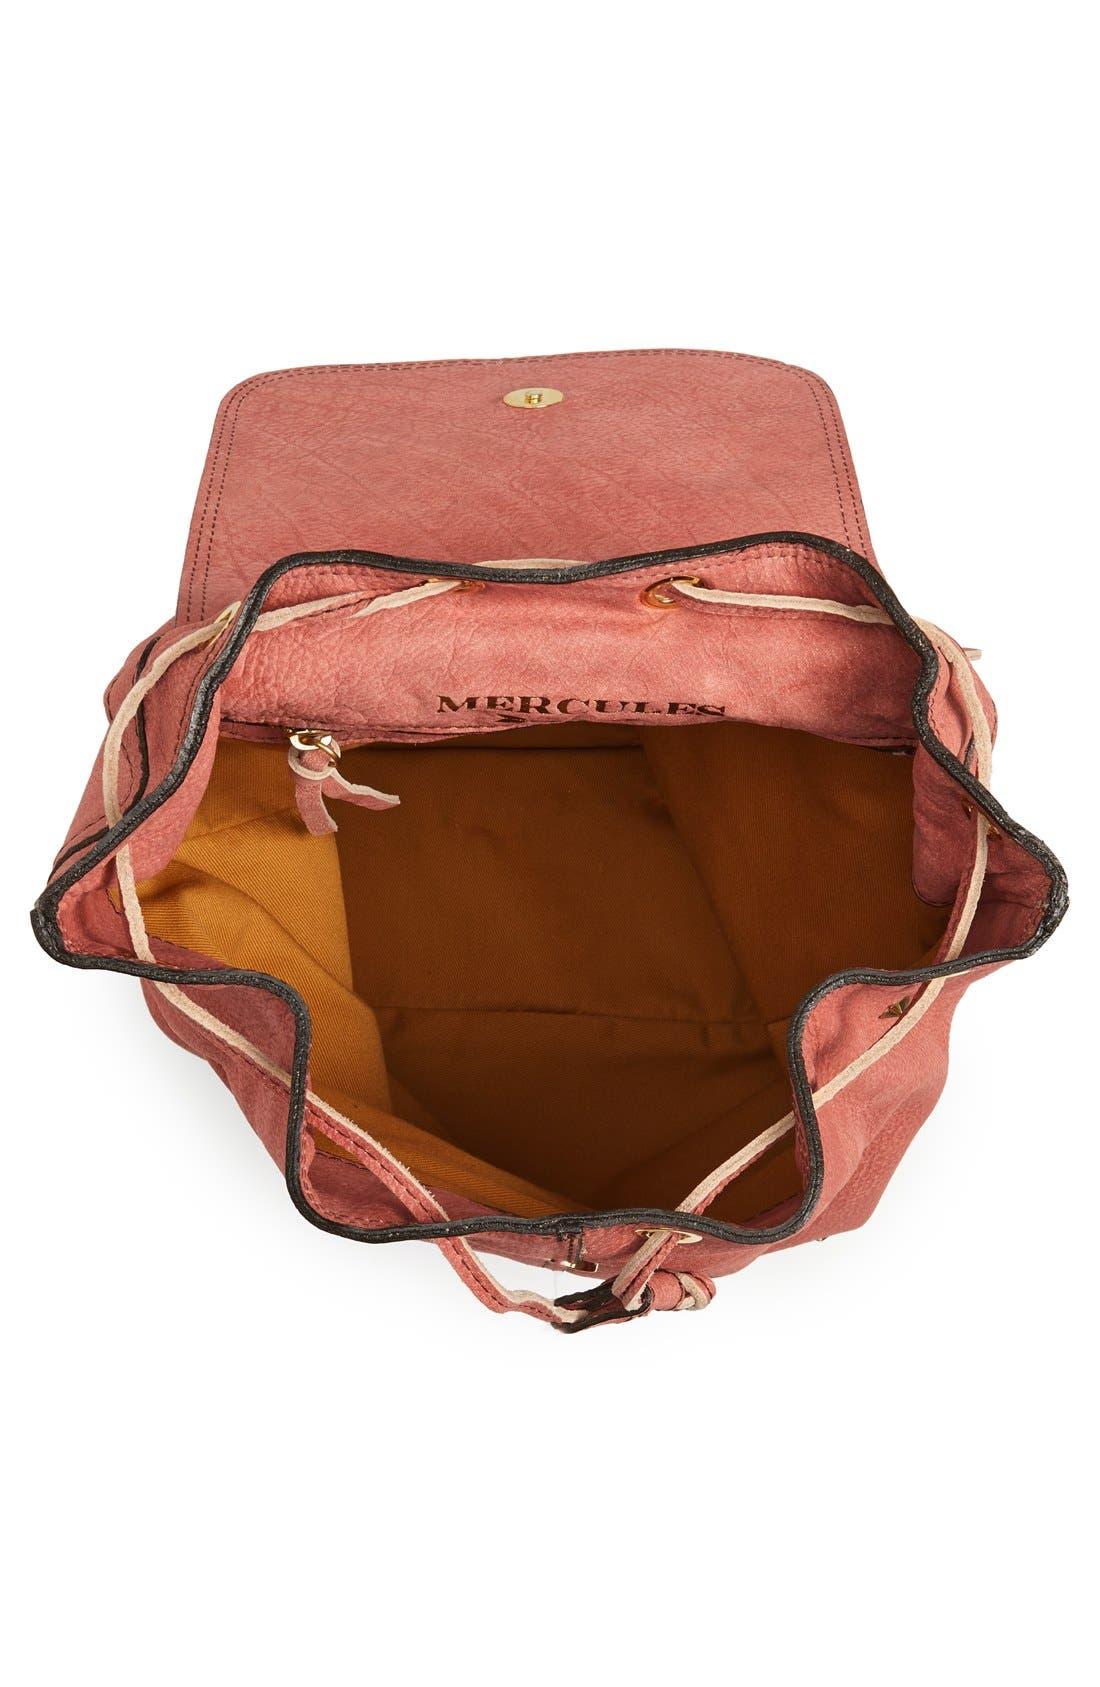 Alternate Image 4  - Mercules 'Greyhound' Studded Nubuck Backpack